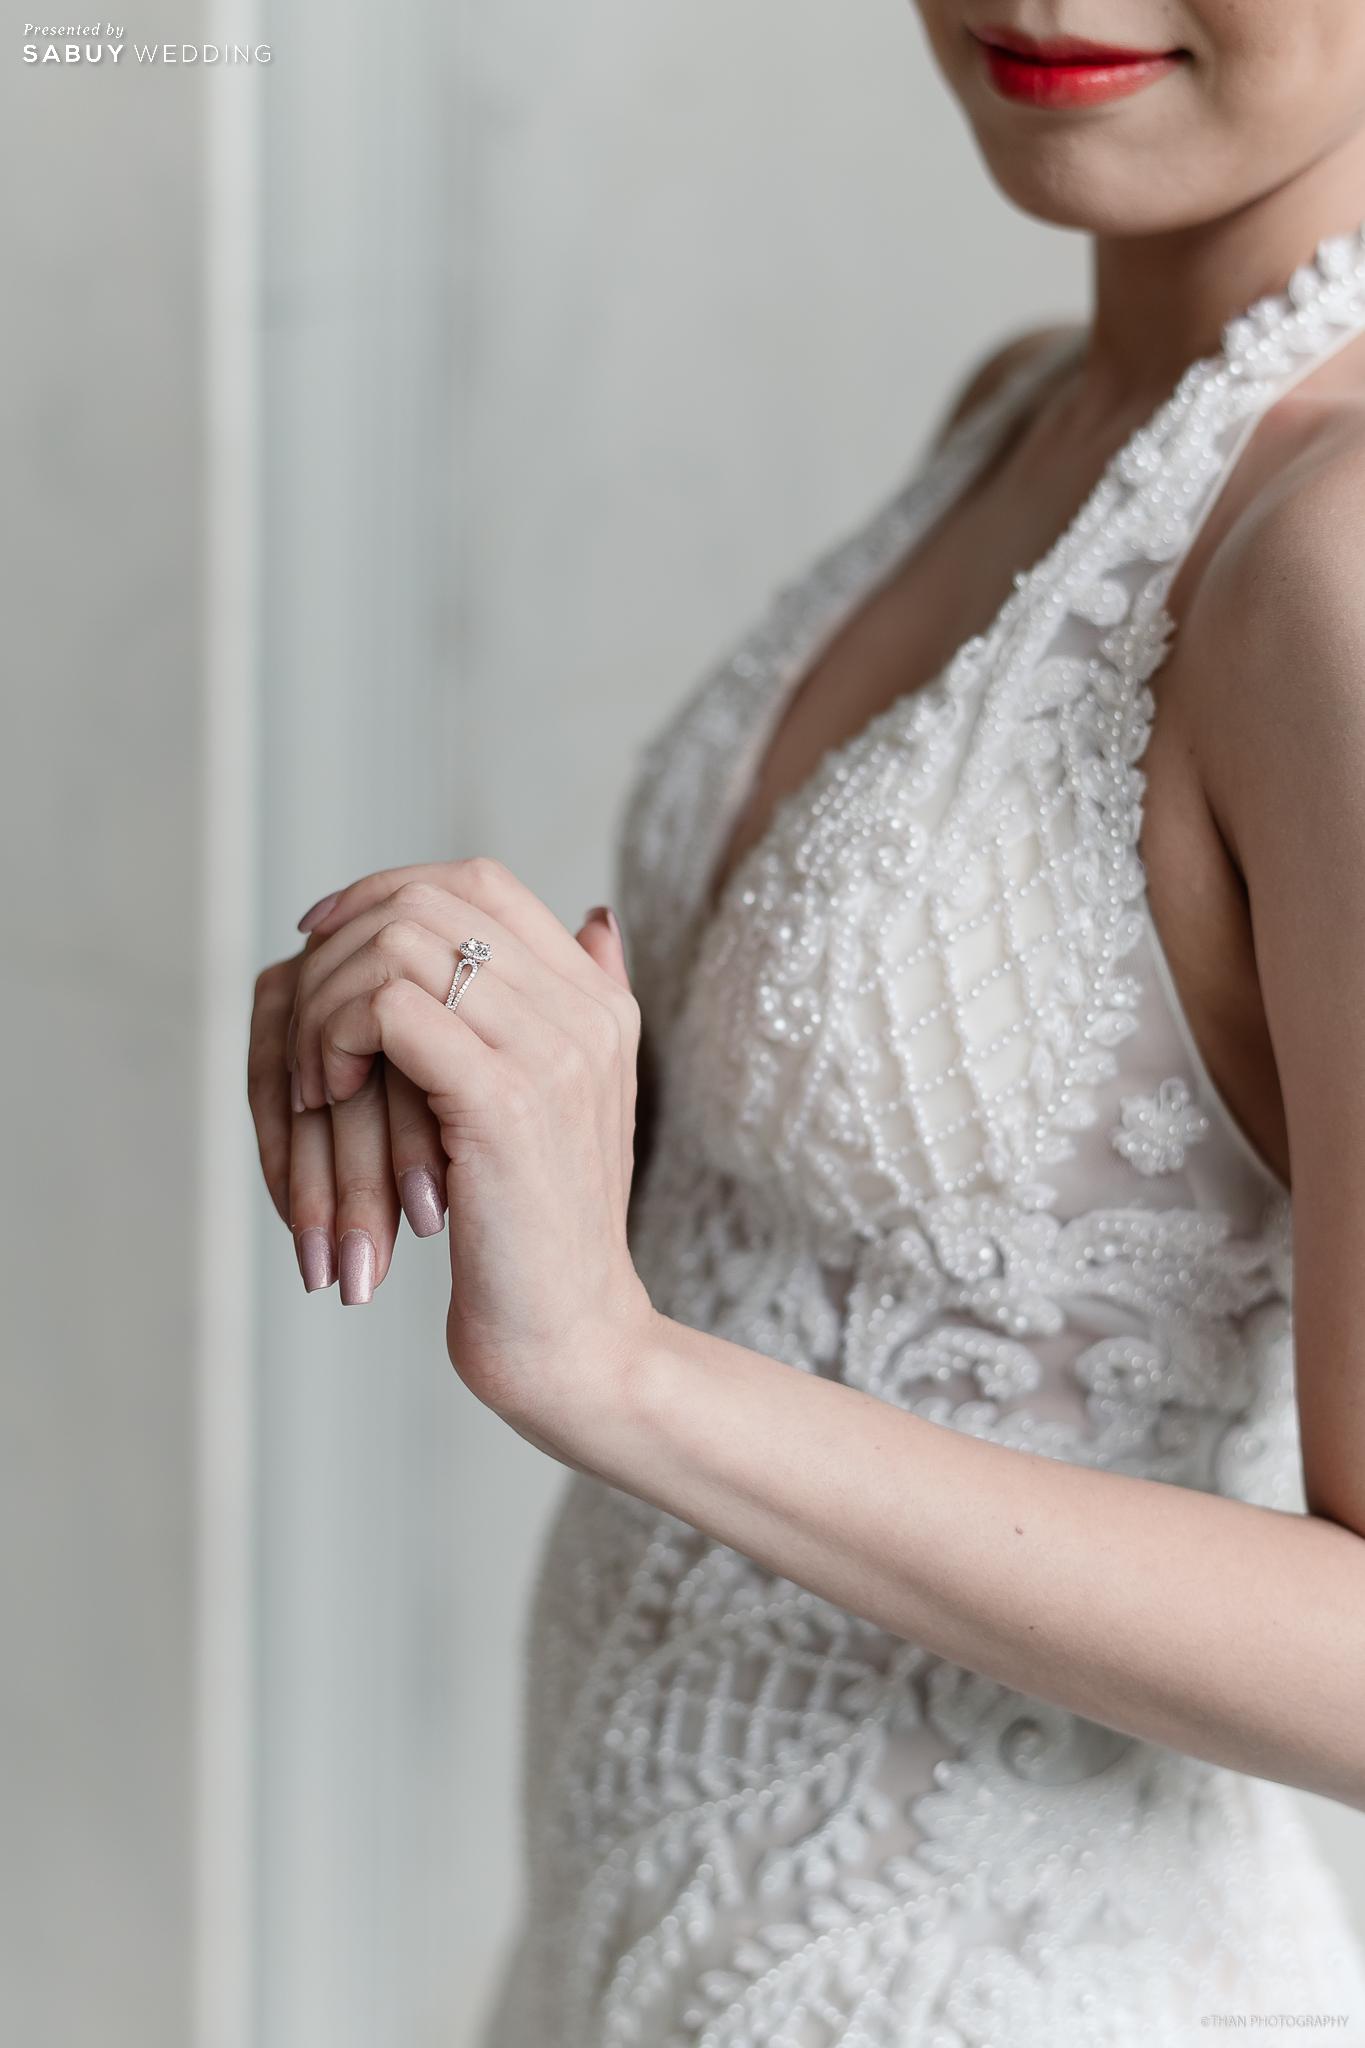 แหวนแต่งงาน,เจ้าสาว,ชุดแต่งงาน รีวิวงานแต่งสุดชิค สวยมีกิมมิค ดู Timeless @ VARAVELA